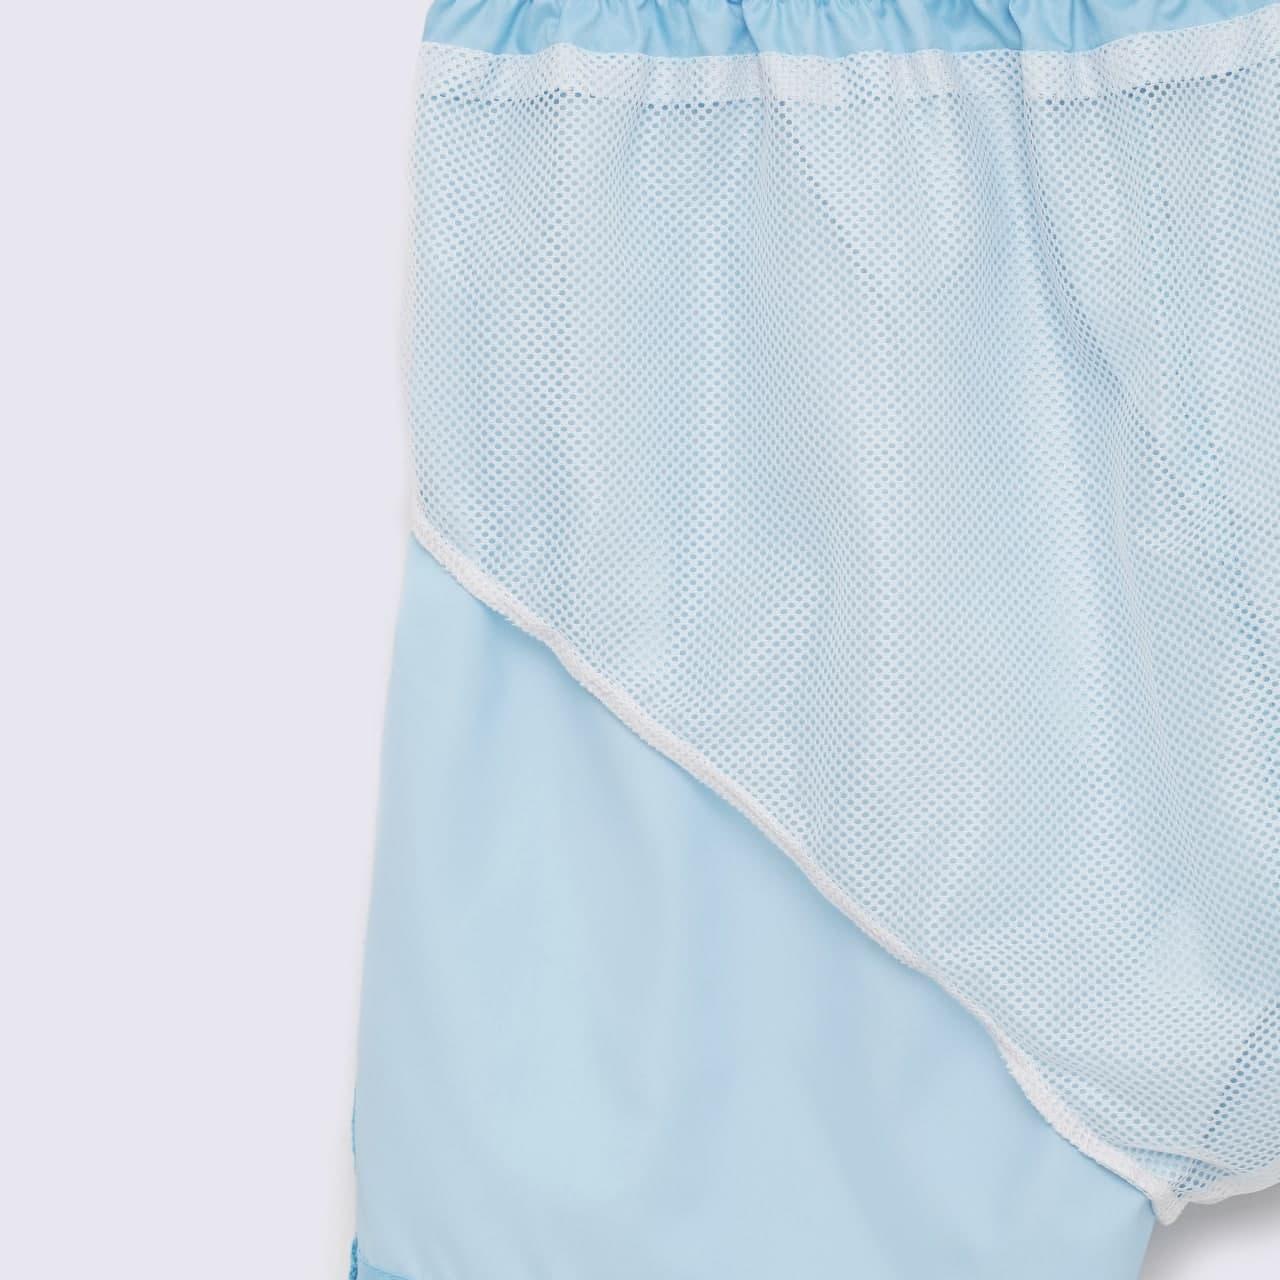 Плавательные шорты South Basik Blue - фото 3